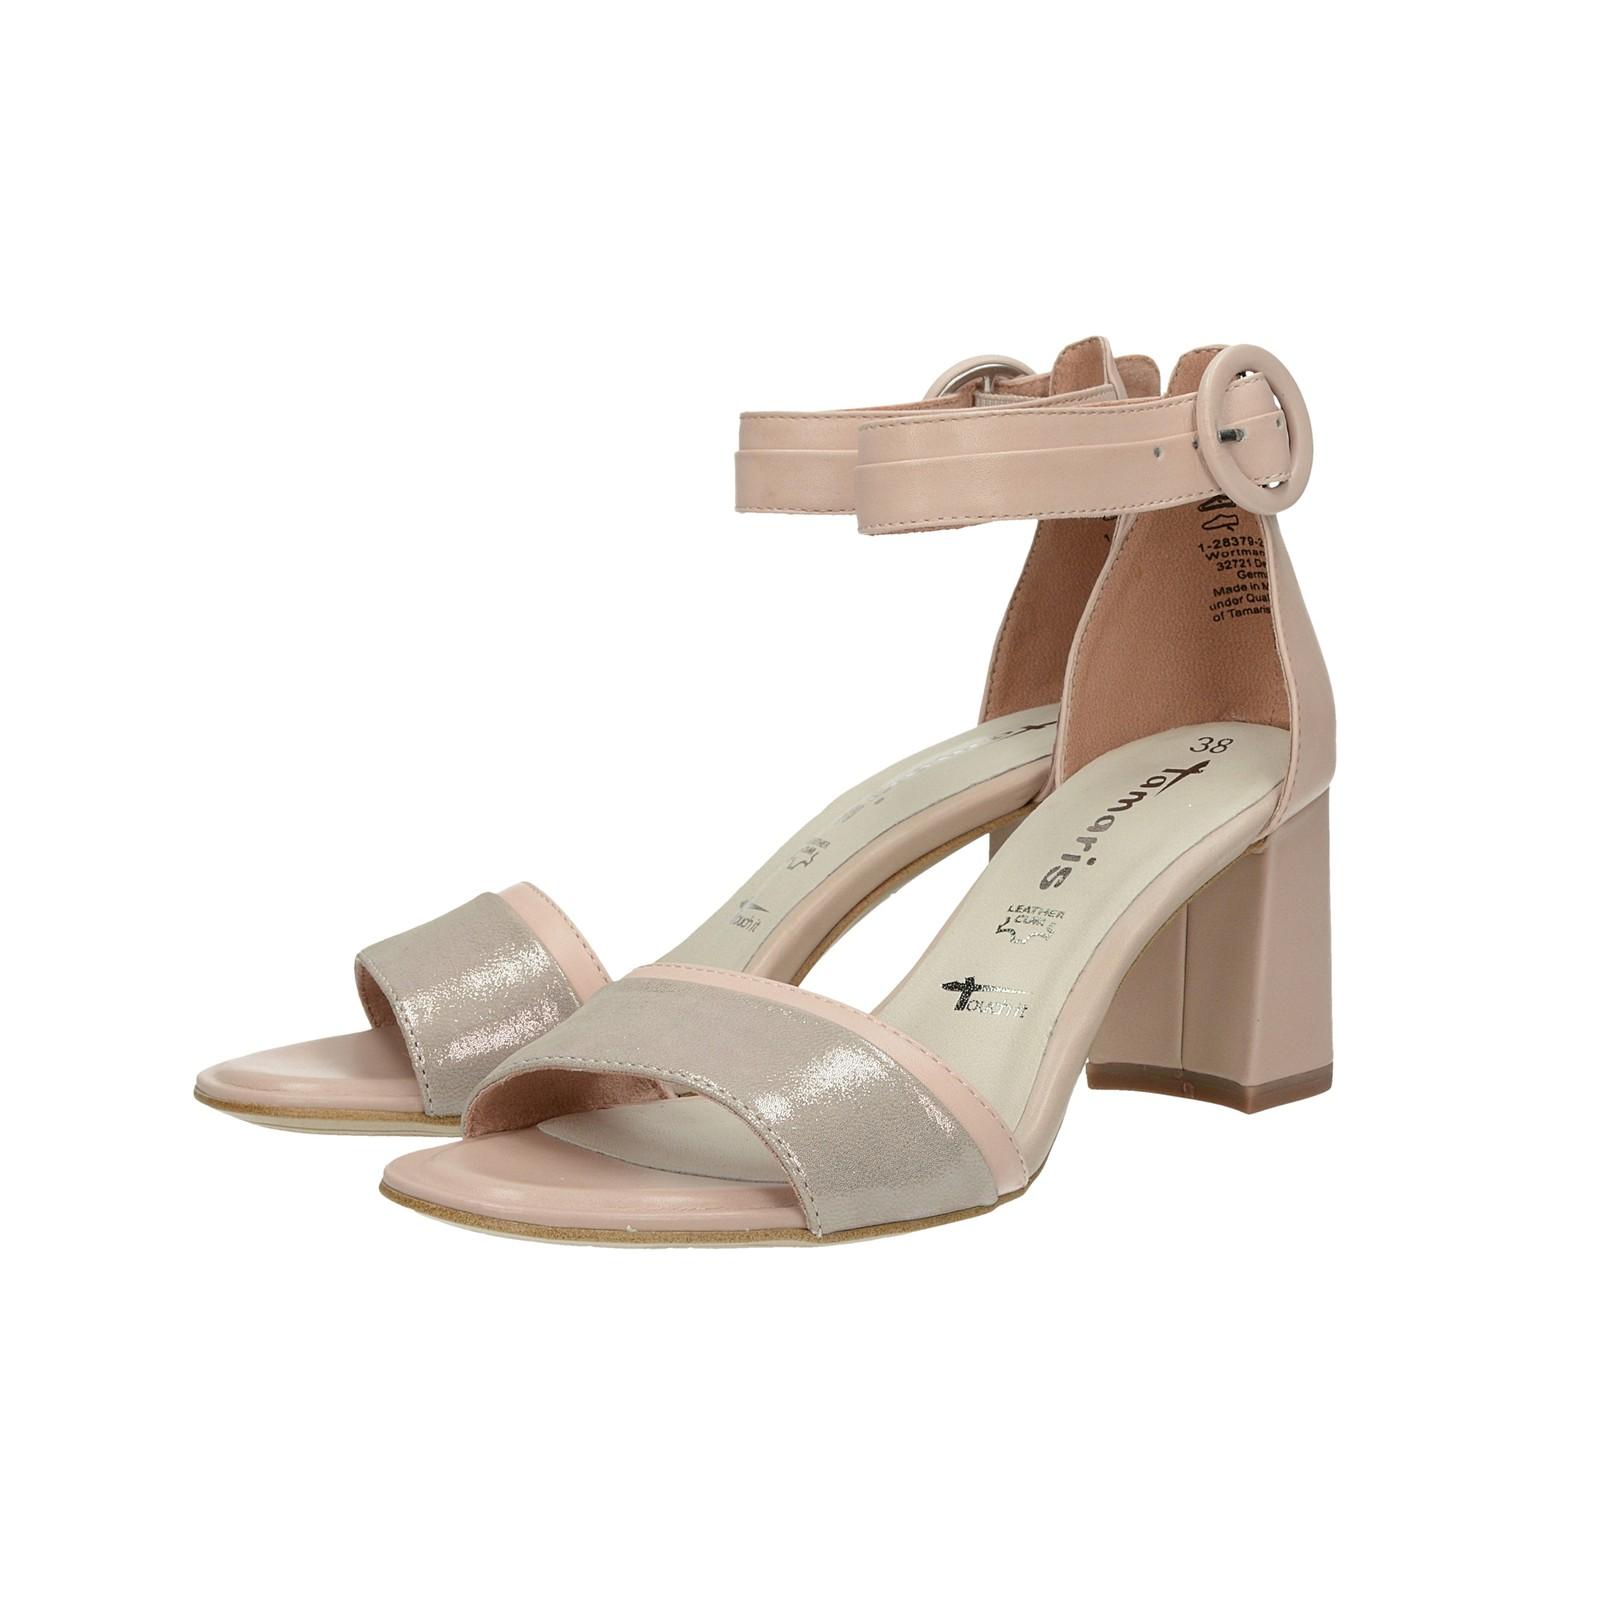 6a65f31eeb Tamaris dámske kožené sandále - ružové ...